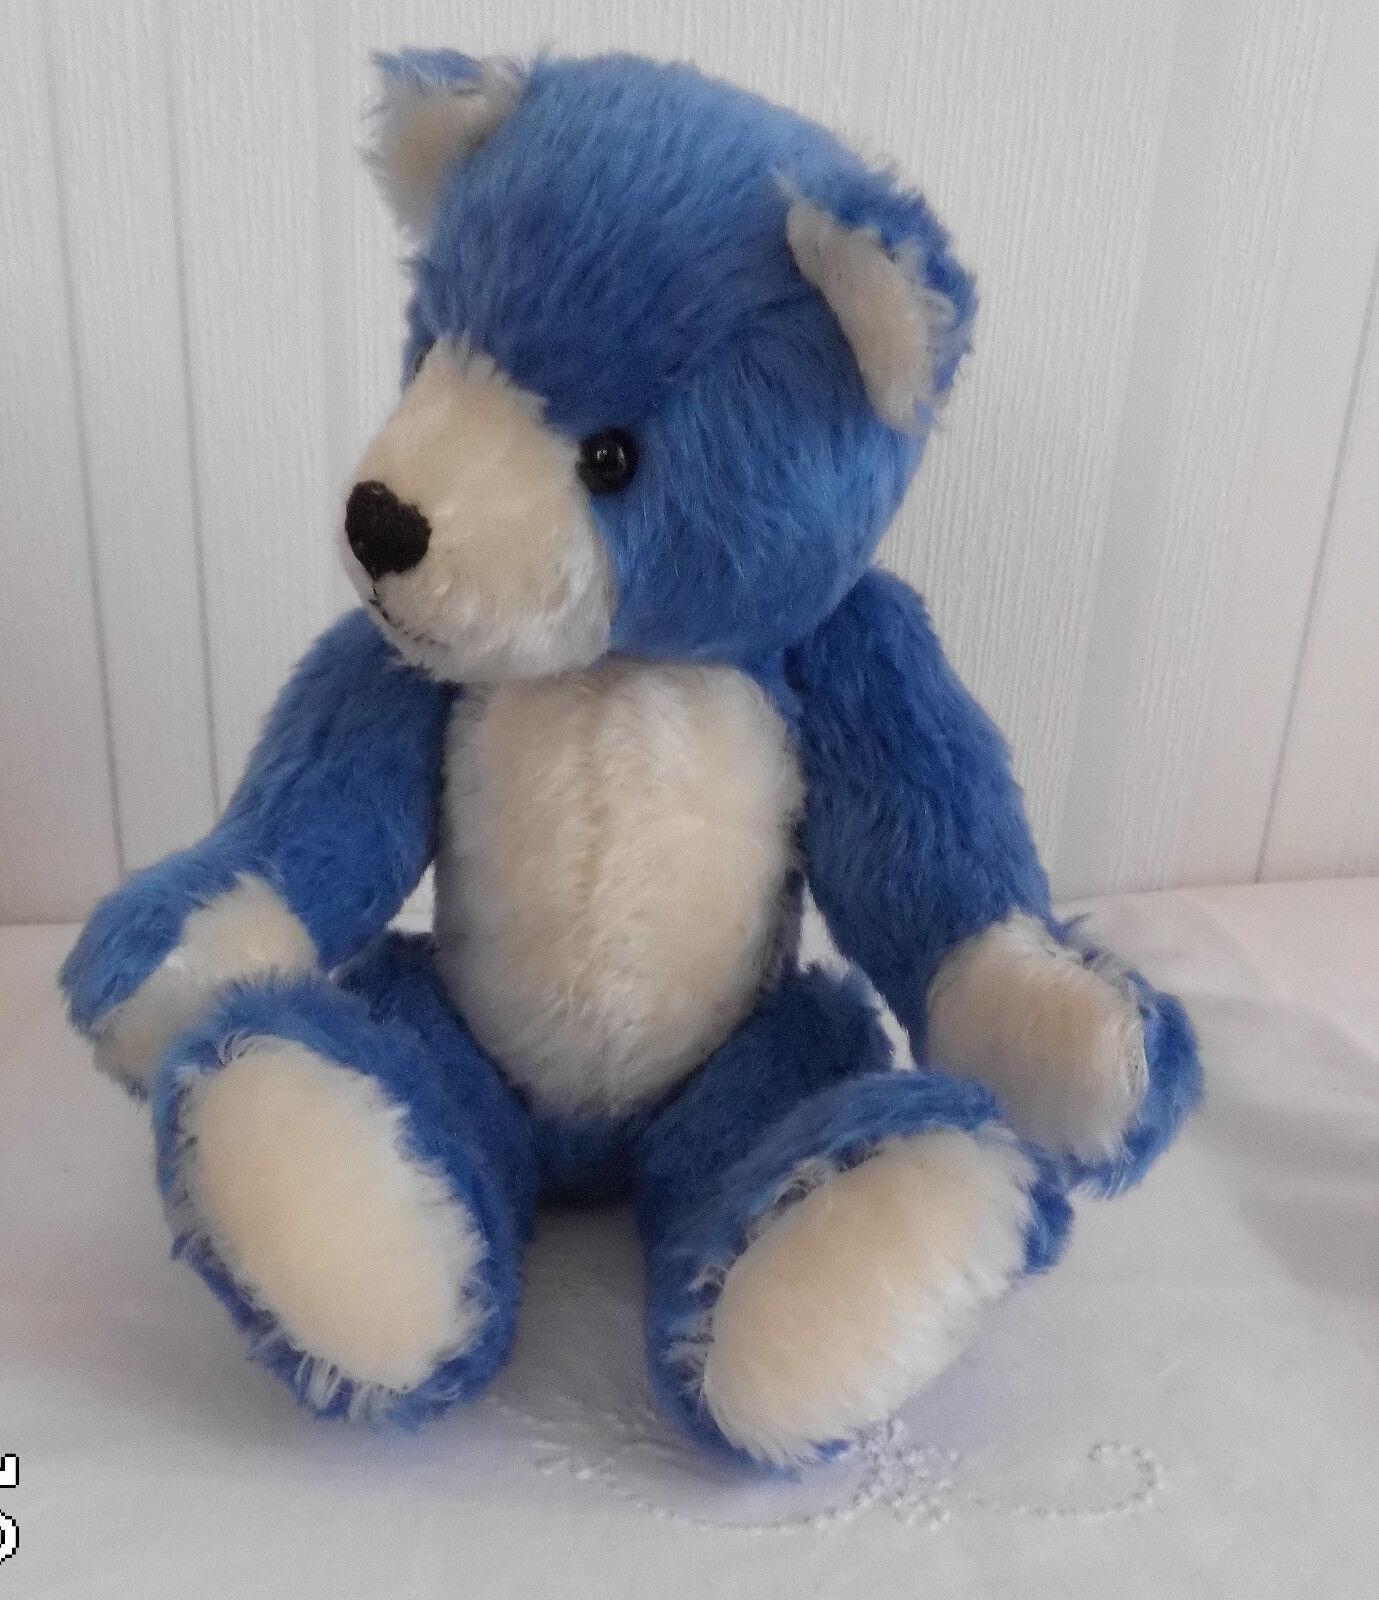 Handgefertigter Künstlerbär Teddy  Blaubeerchen  blau weiß glattes glattes glattes Mohair 30 cm 7aaa11